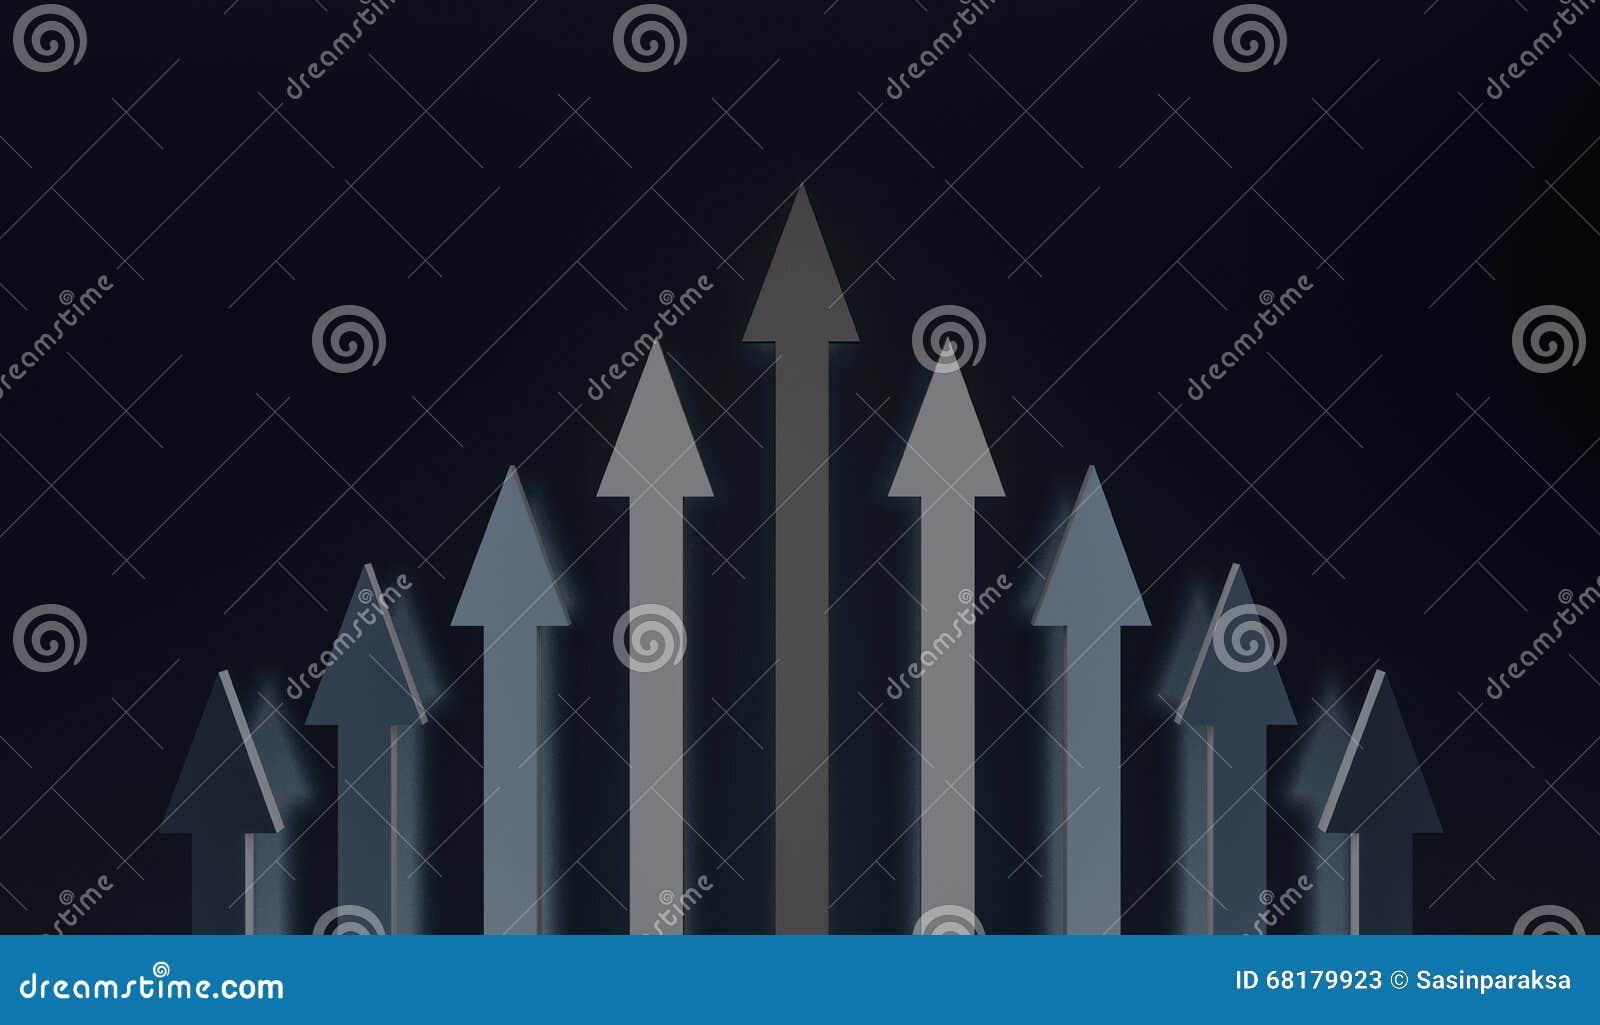 Setas a direito junto no mesmo sentido, trabalho da equipe, cooperação, liderança e etc. conceito, 3d rendido